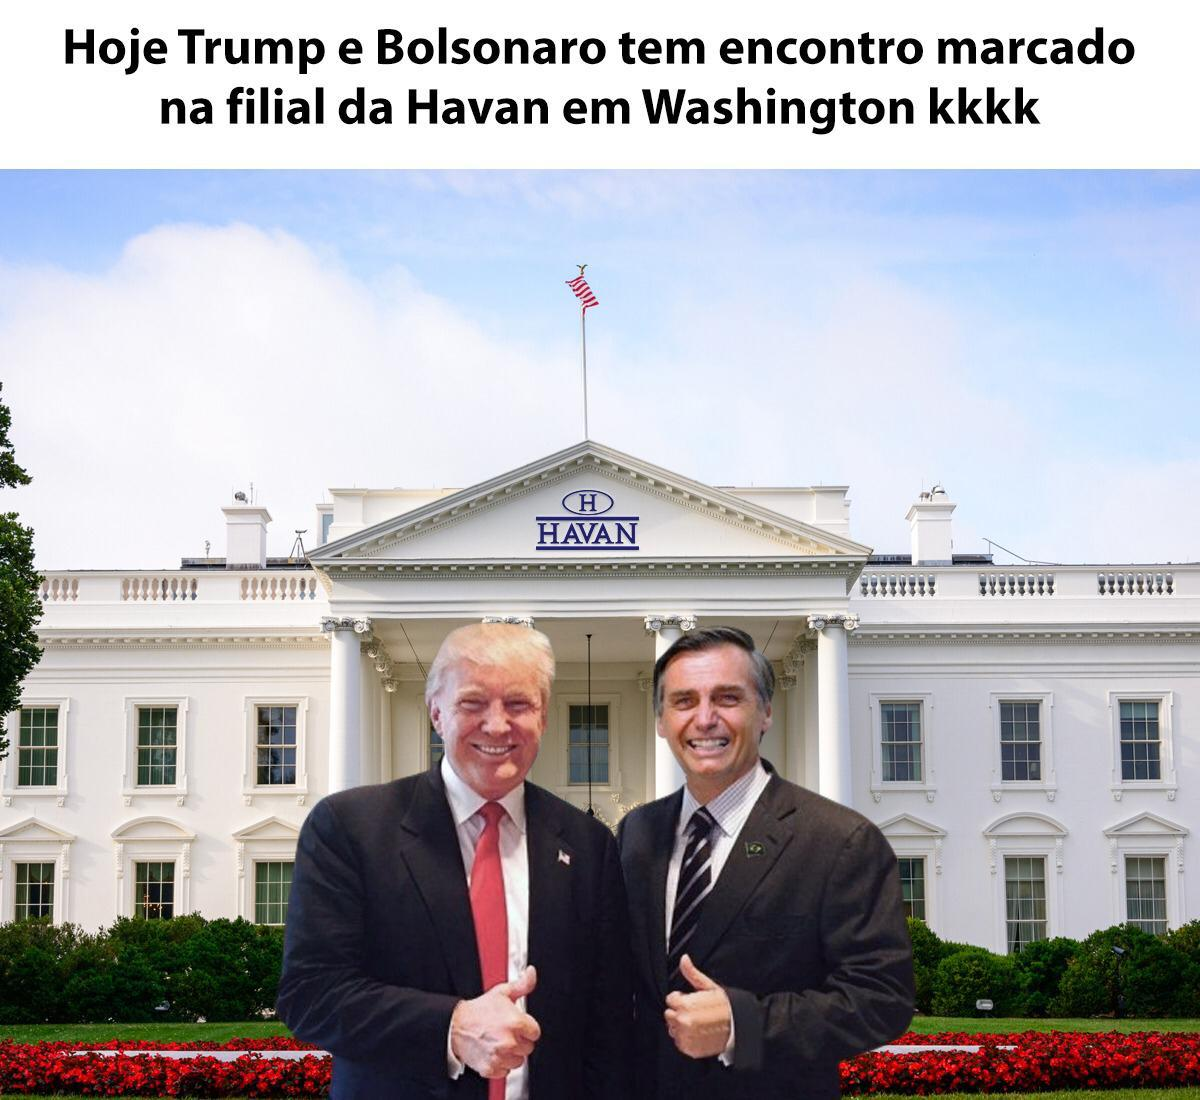 Encontro de Trump com Bolsonaro na Havan